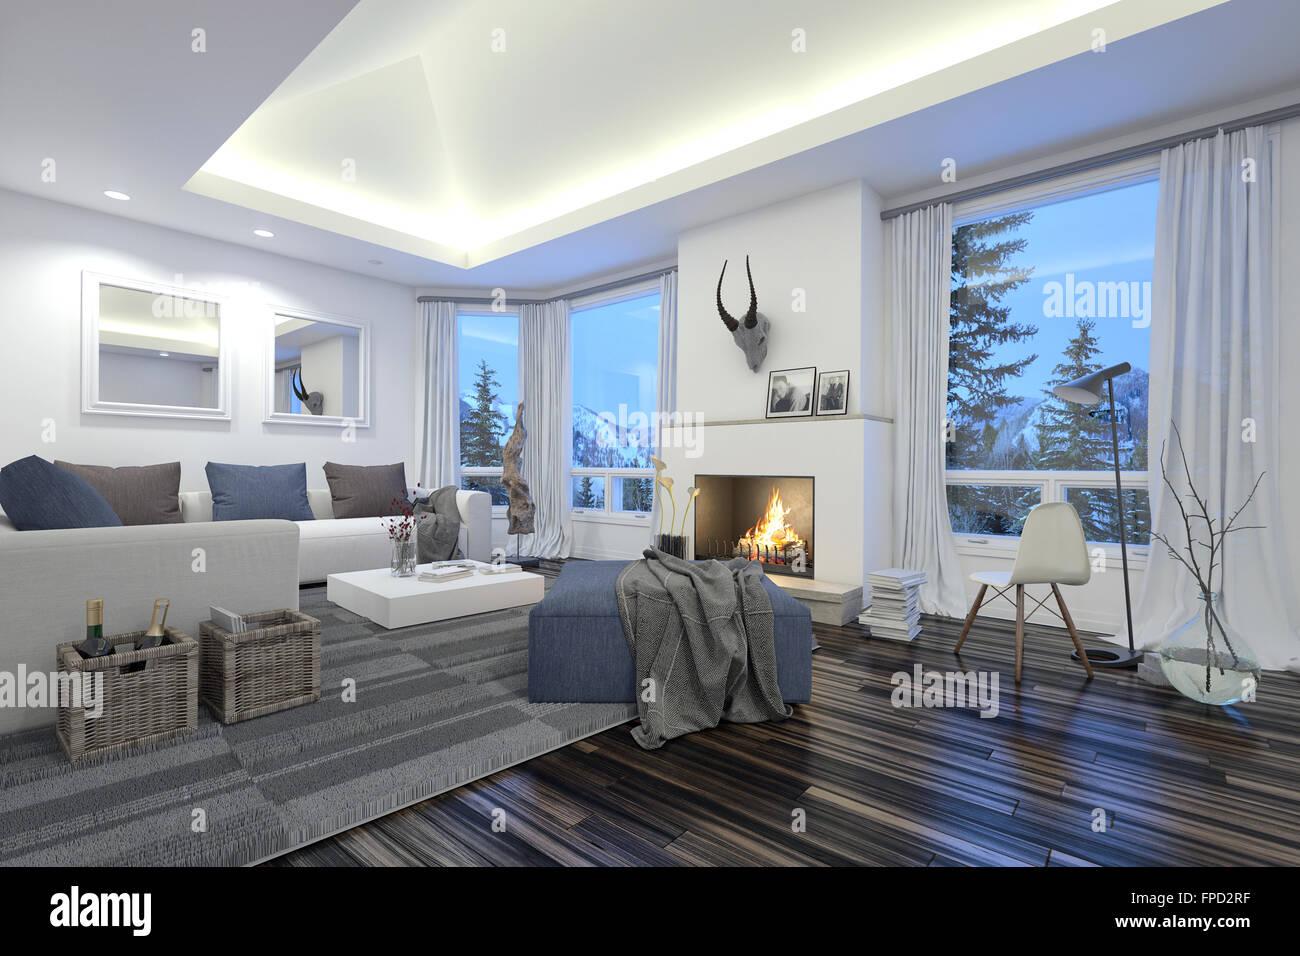 Spazioso soggiorno moderno con un fuoco nel camino, illuminazione a ...